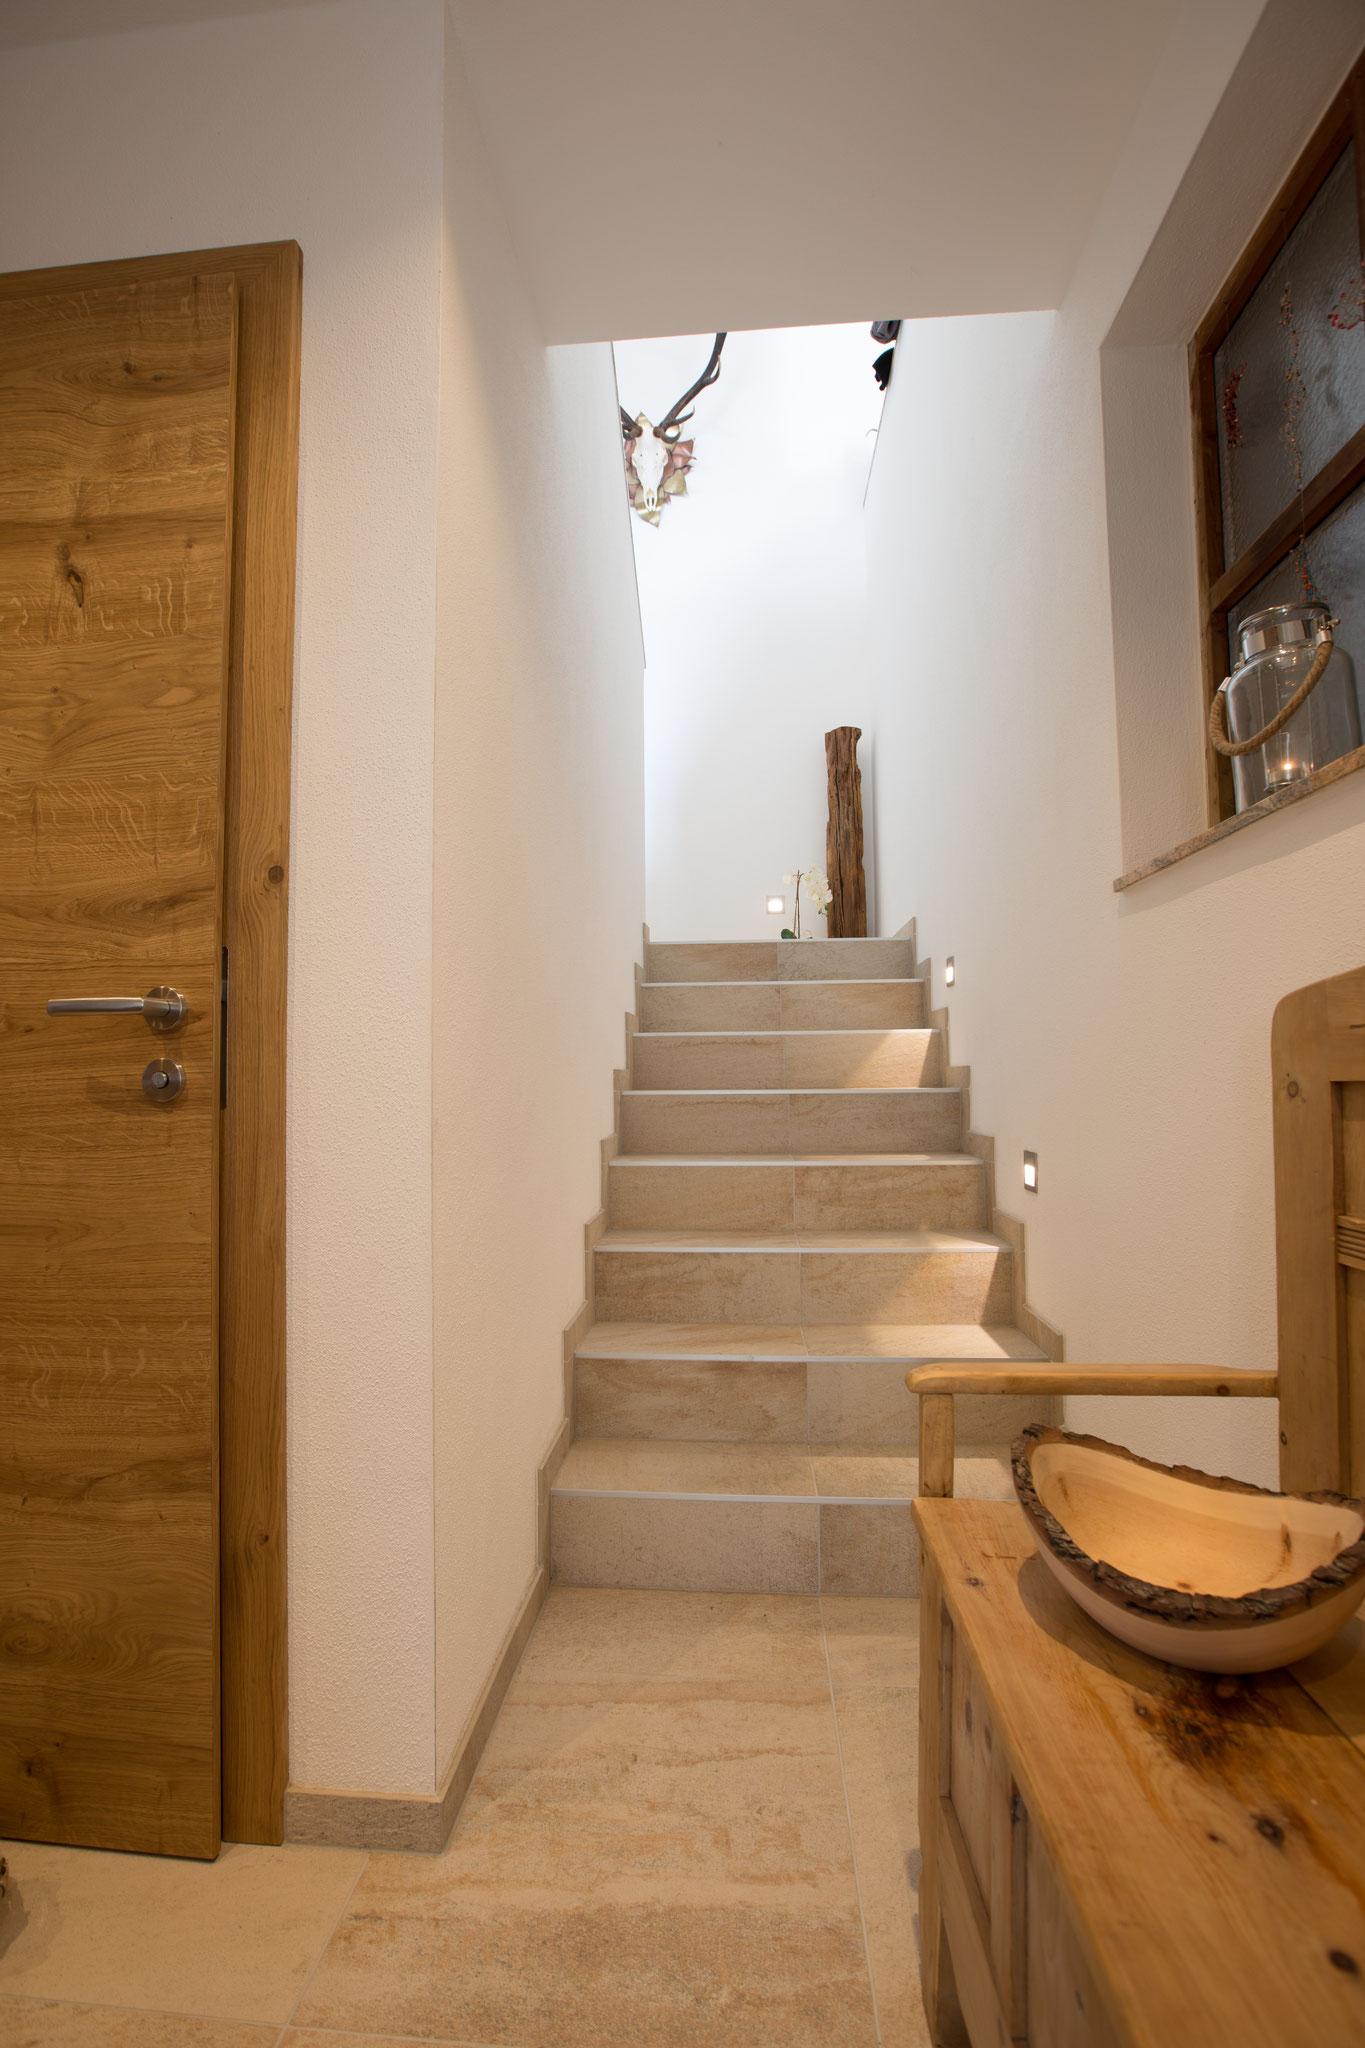 Fliesen Praxmarer Ofenbau + Design